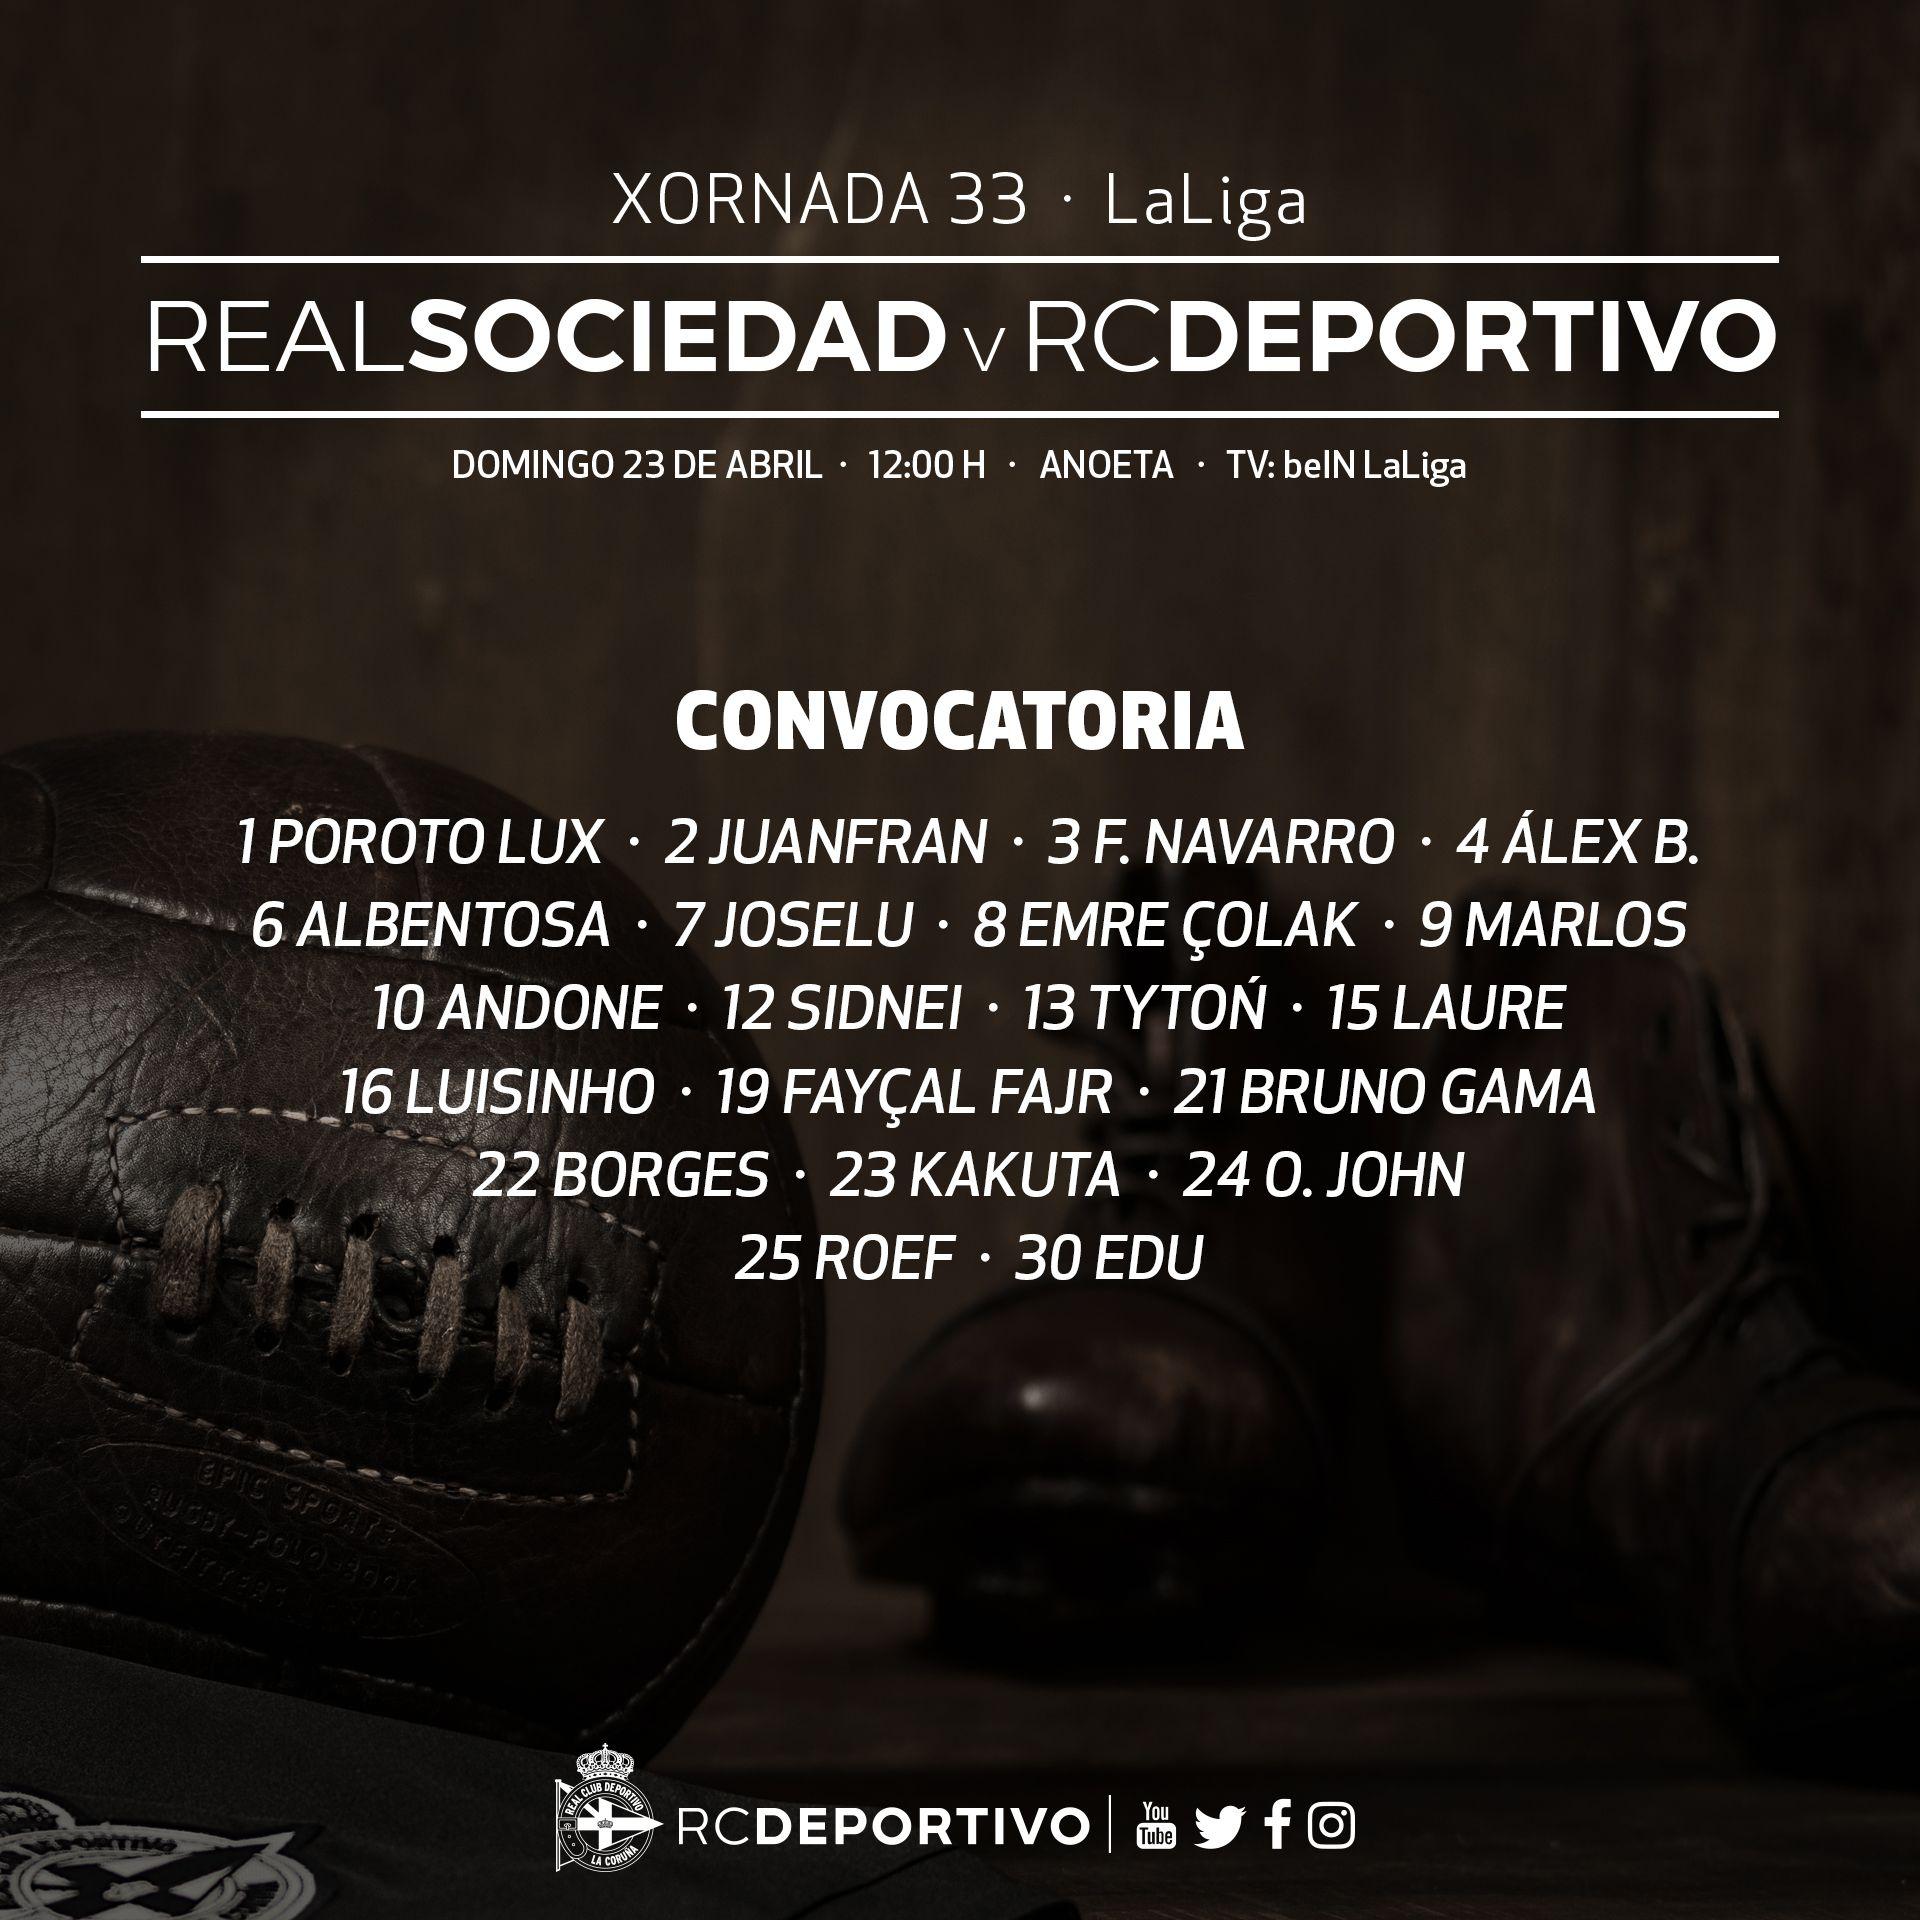 Listaxe d #osnosos convocados para a 33ª xornada de @LaLiga: #RealSociedadDépor, mañá ás 12:00 h. en Anoeta #DaleDÉ https://t.co/ShToHf5y2s